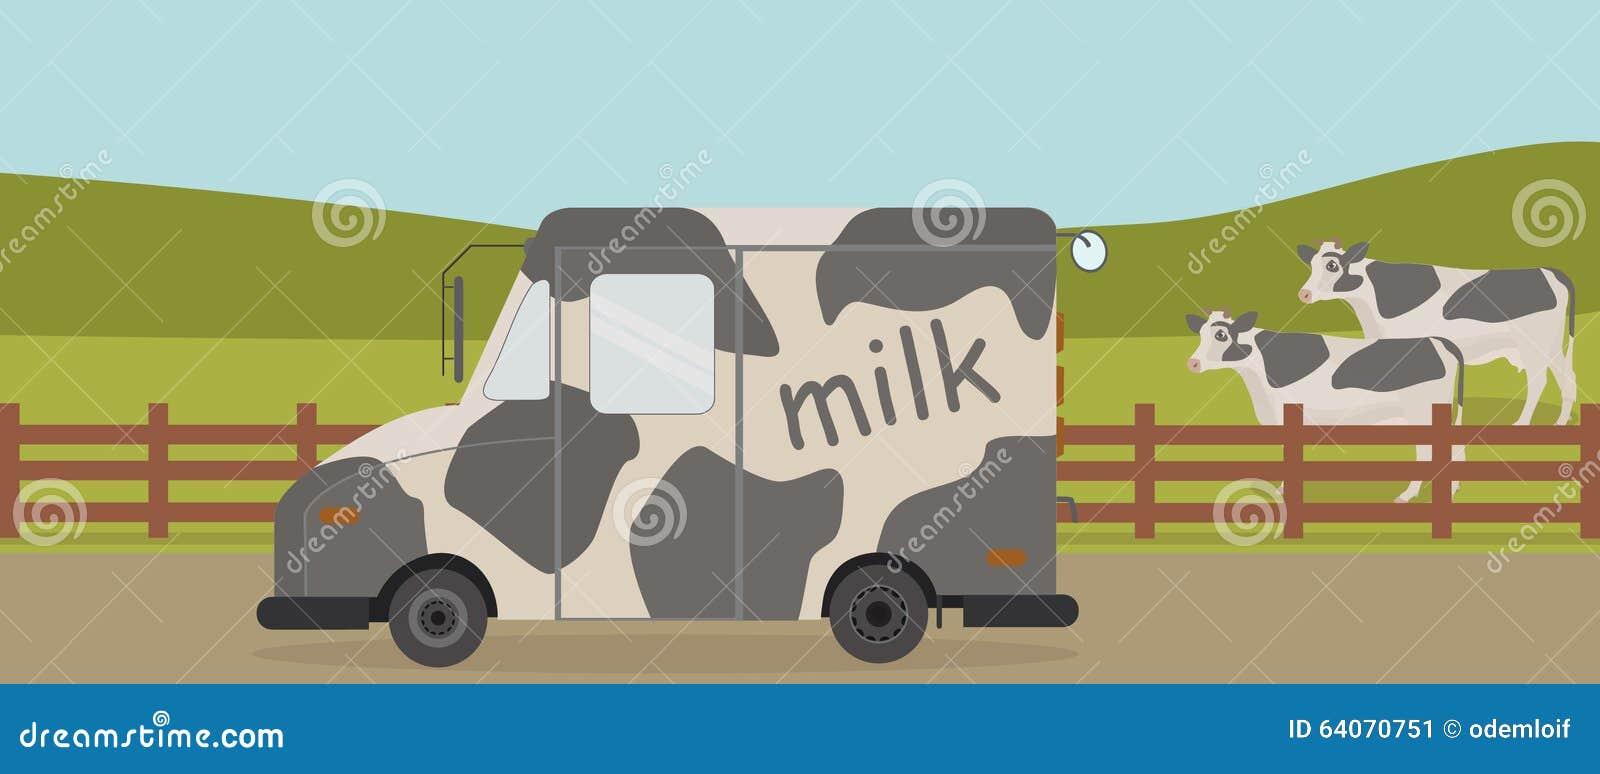 Van milk